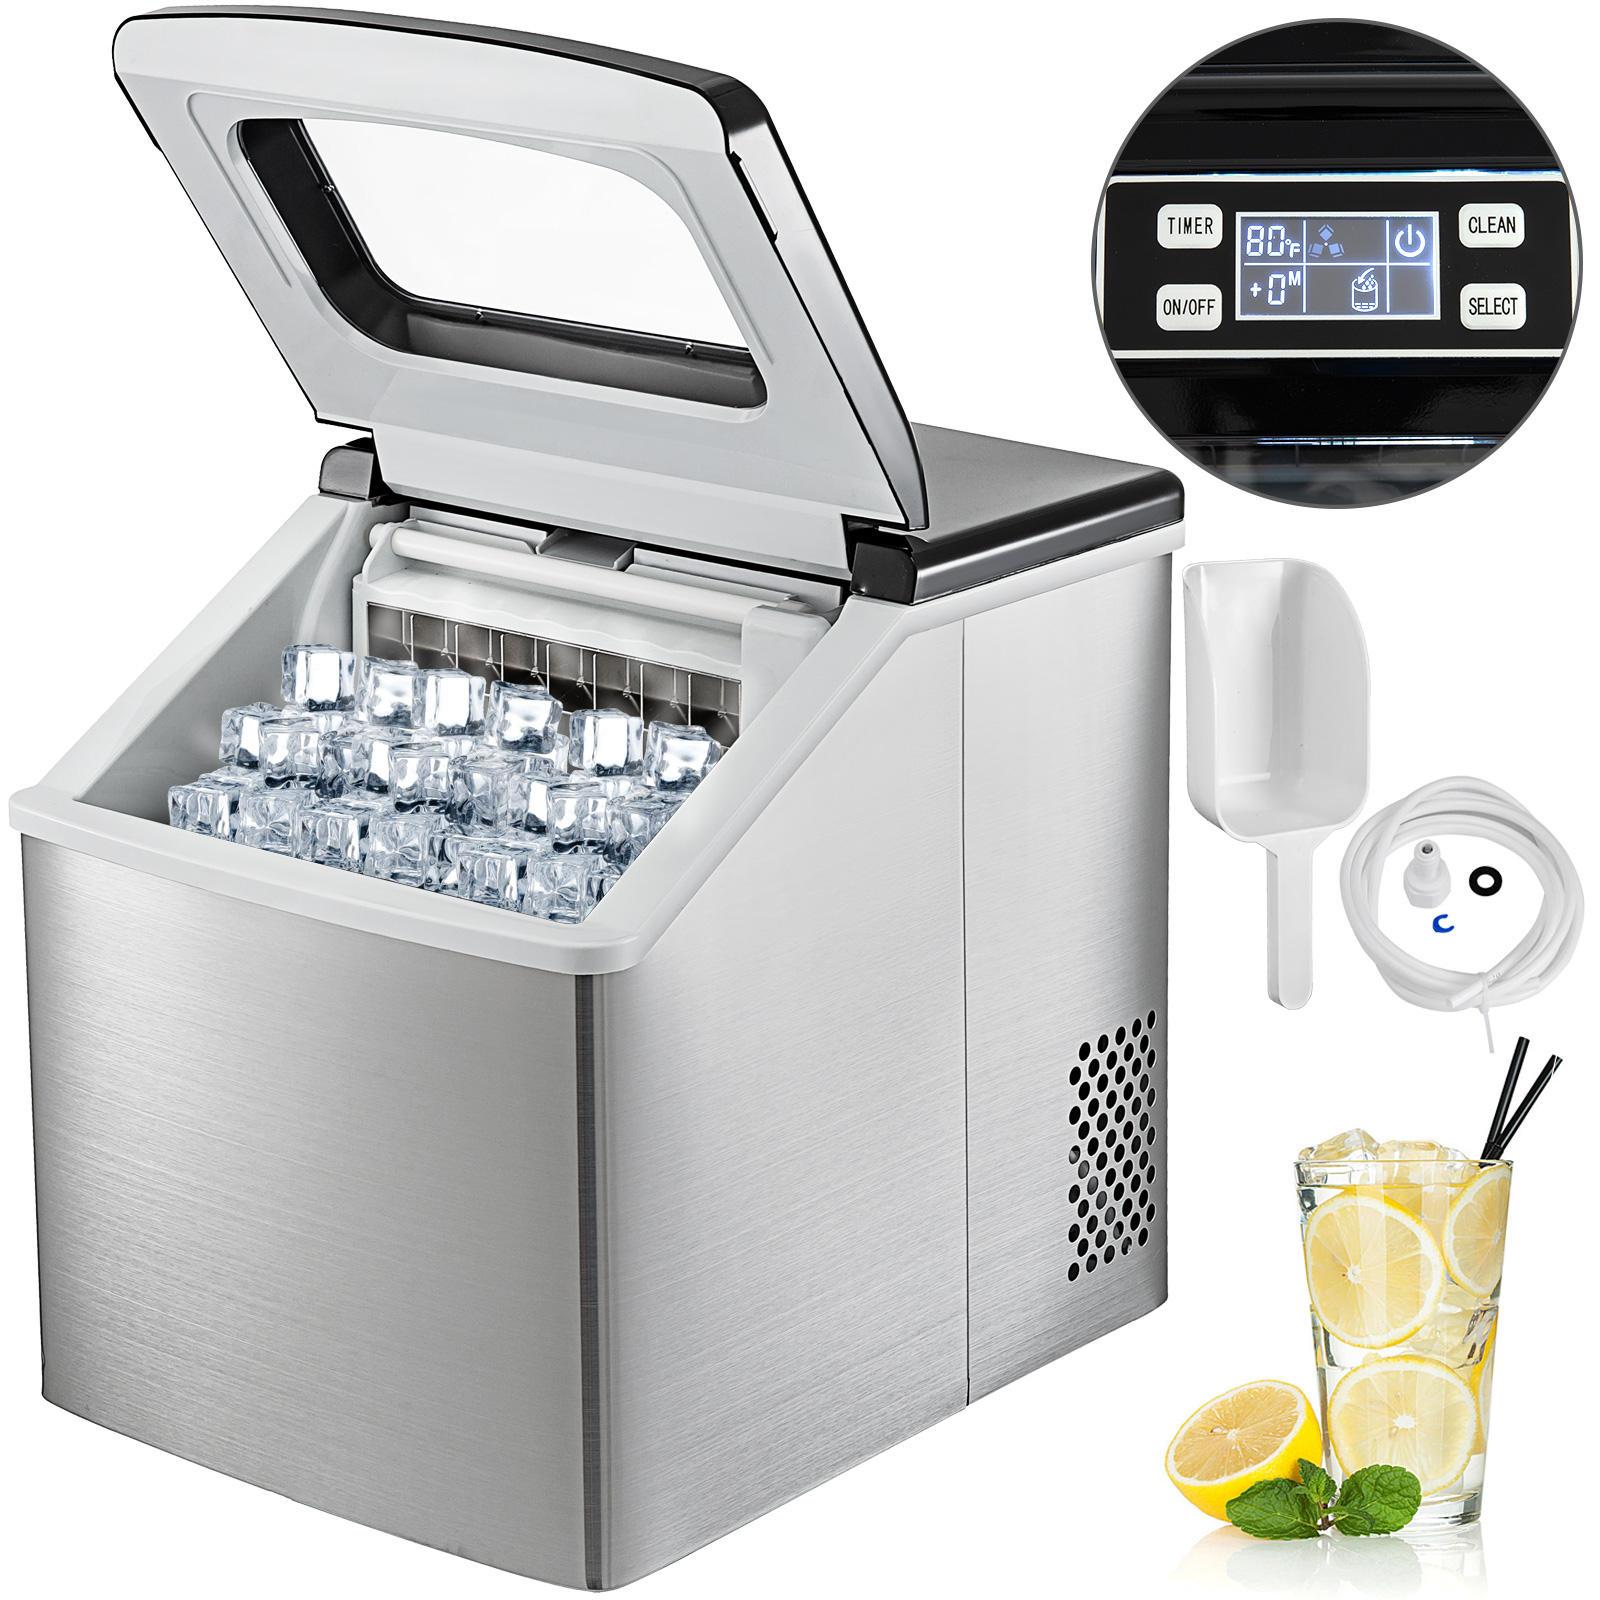 bircok cinli 2 el buz makinalari toptancidan toptan fiyatina online 2 el buz makinalari en iyi alim 2 el buz makinalari alibaba com